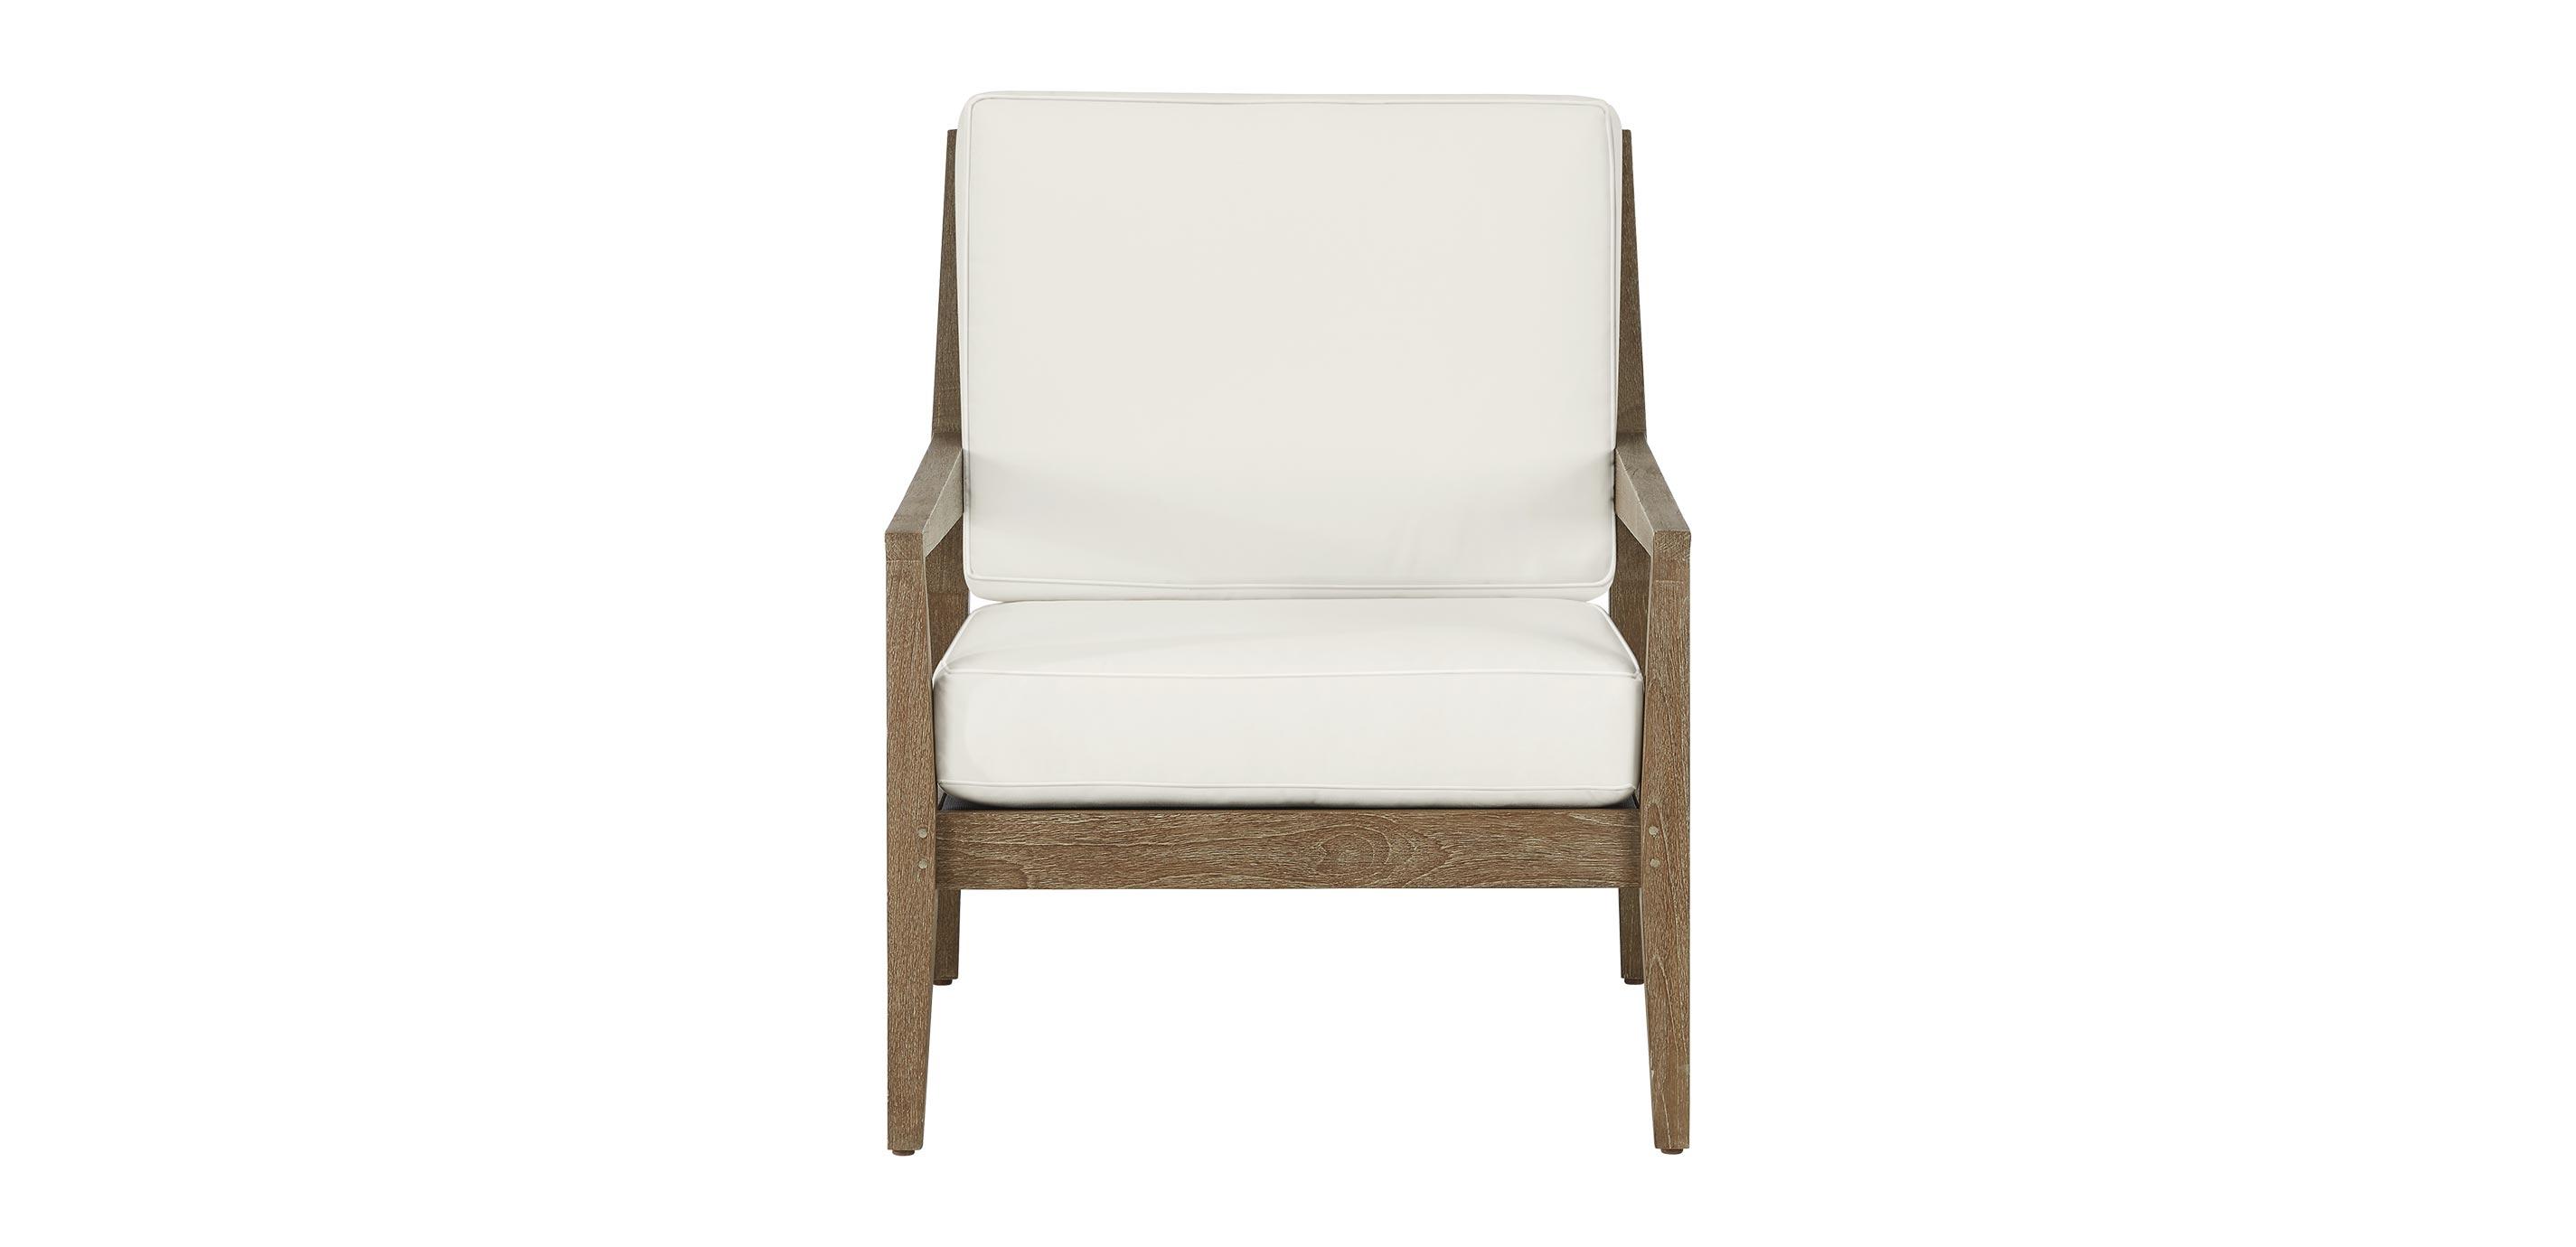 Bridgewater Cove Teak Patio Lounge Chair Ethan Allen Outdoor